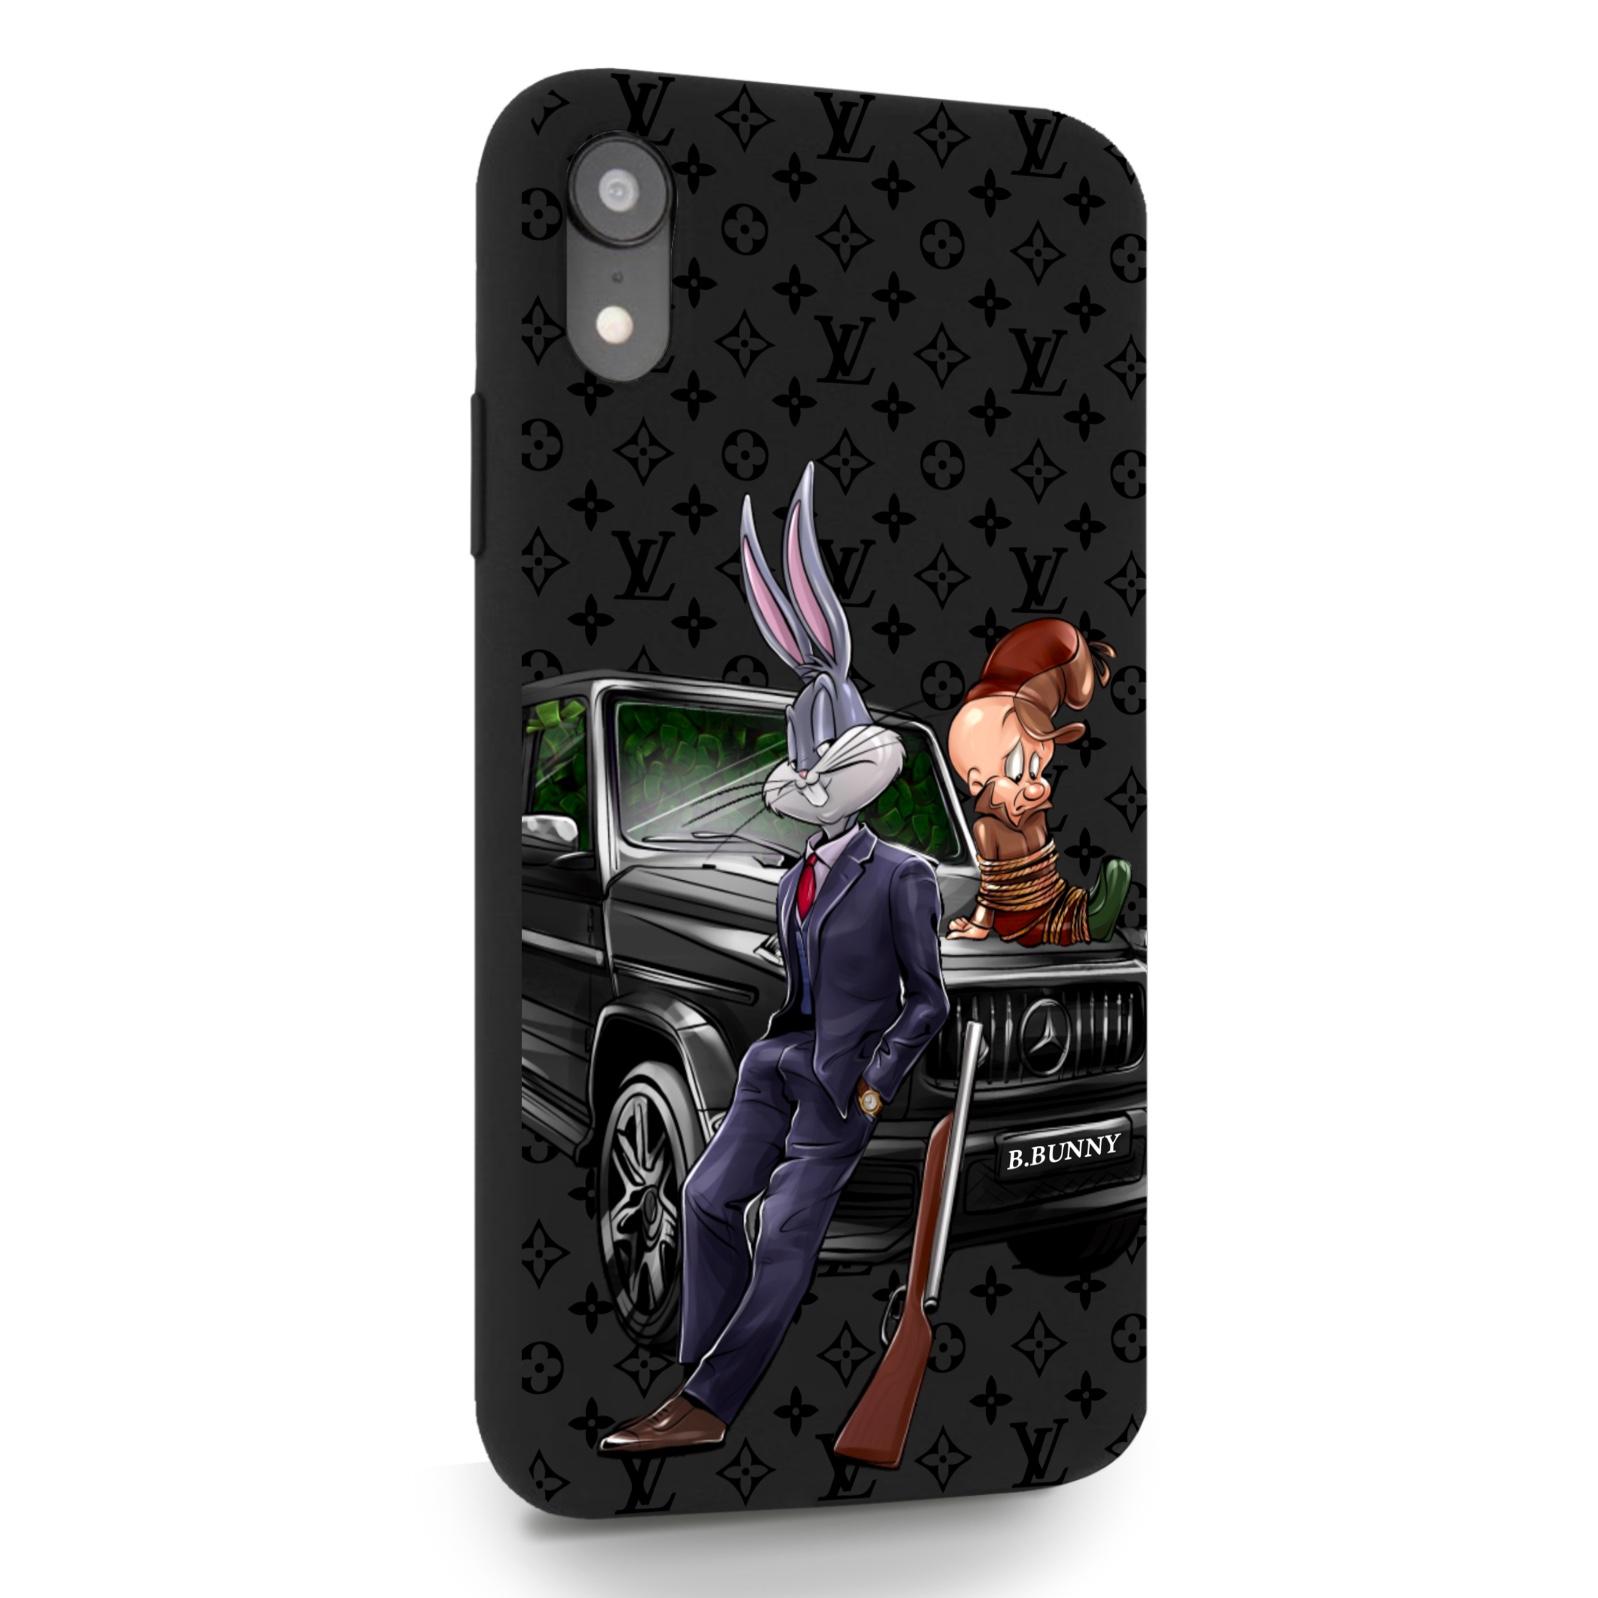 Черный силиконовый чехол для iPhone XR Мистер Богатый Заяц Бизнес/ Mr. Rich Bunny Business для Айфон 10R